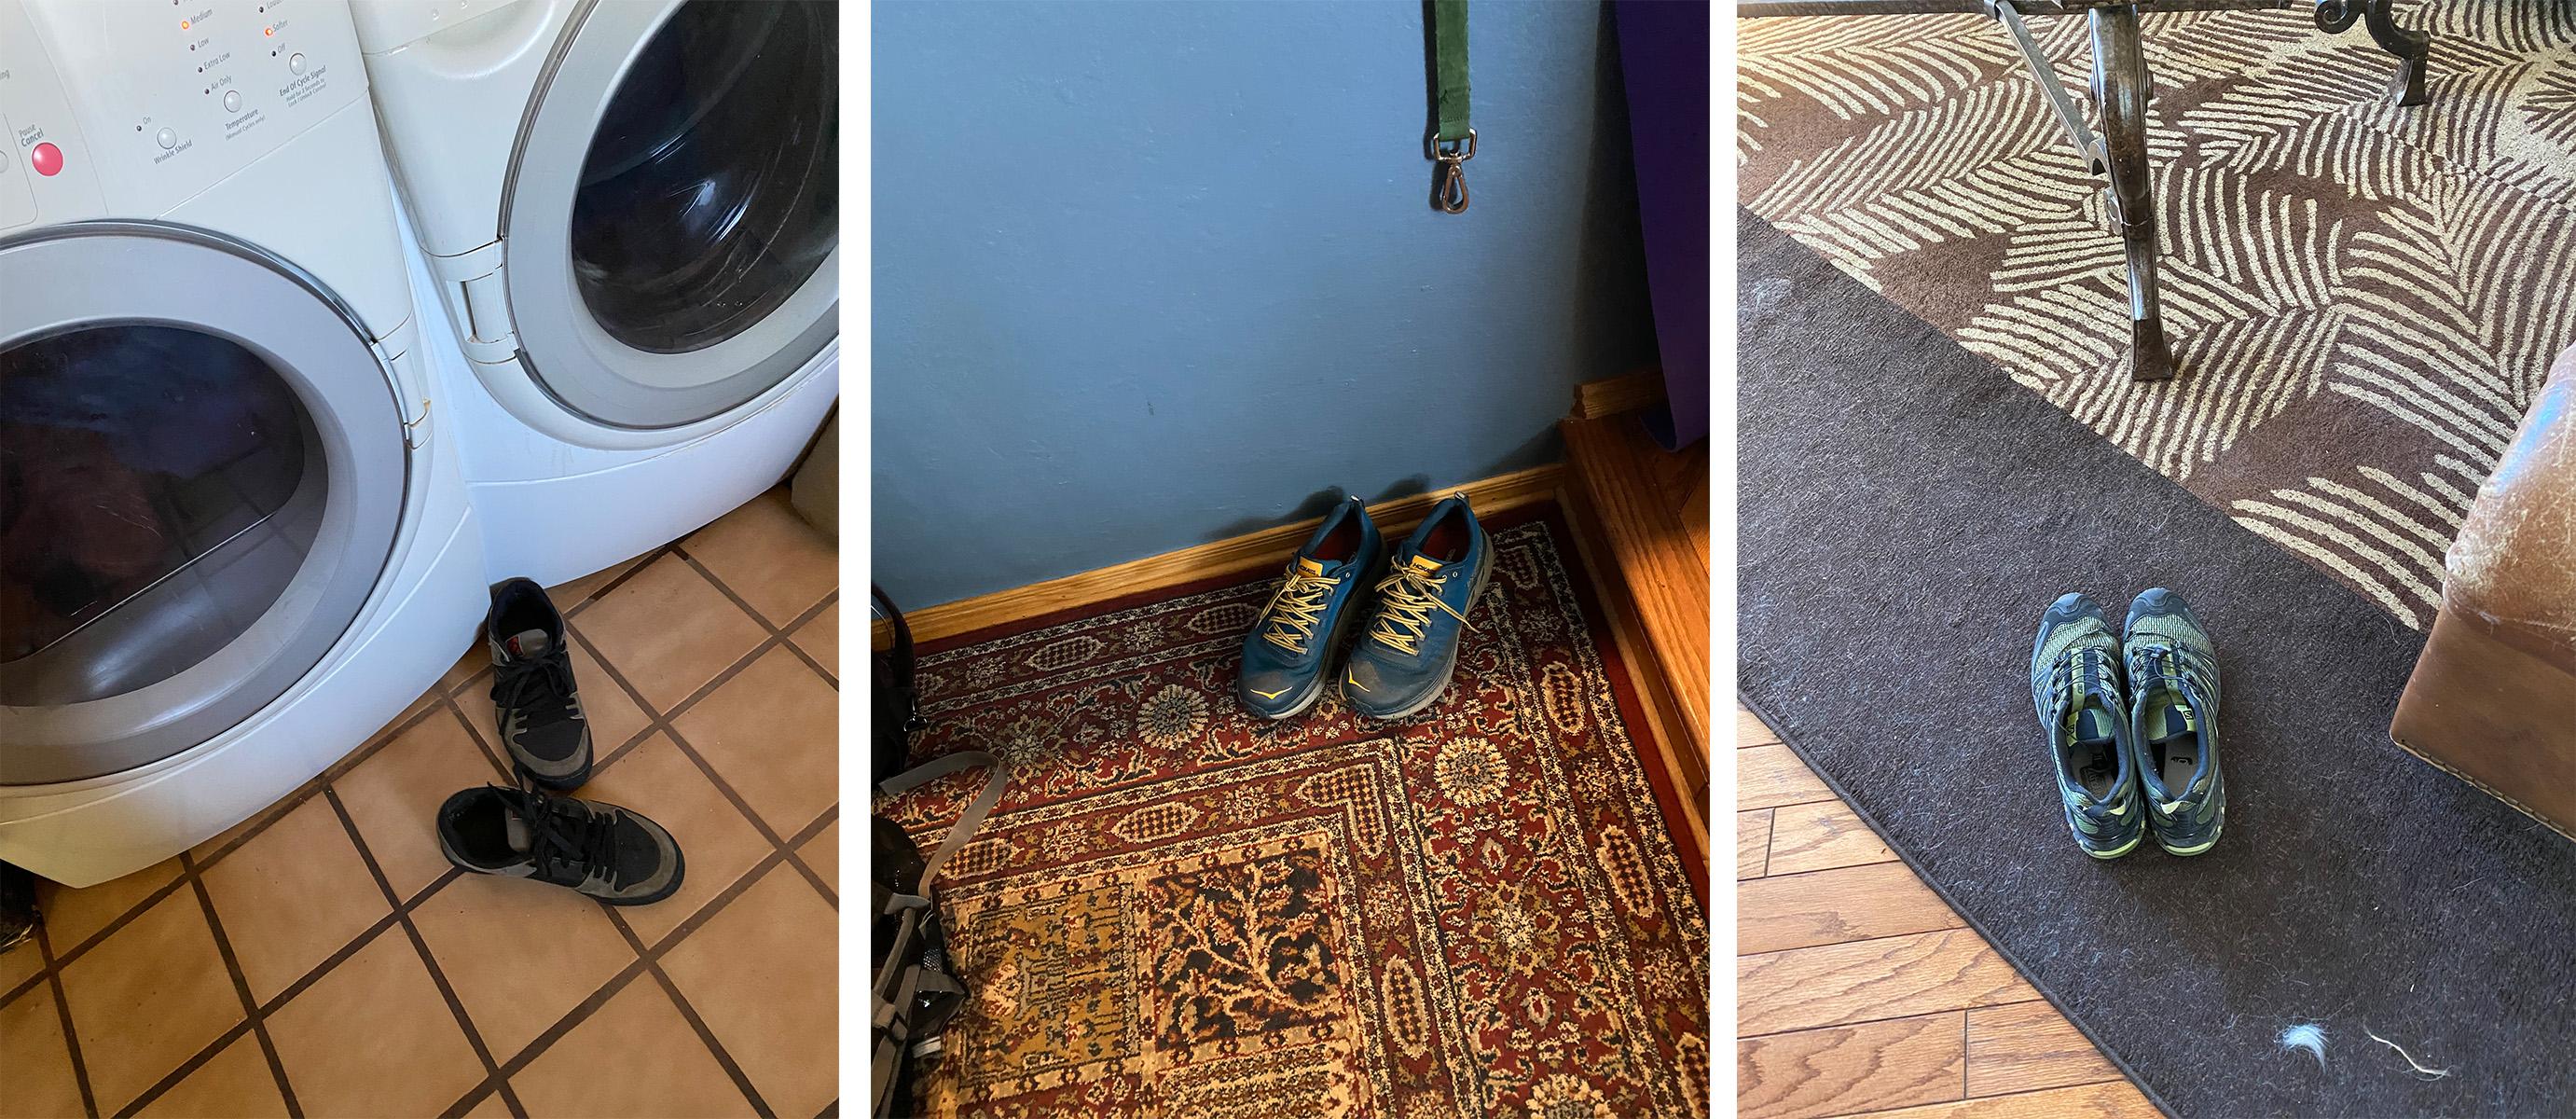 Erik's shoes